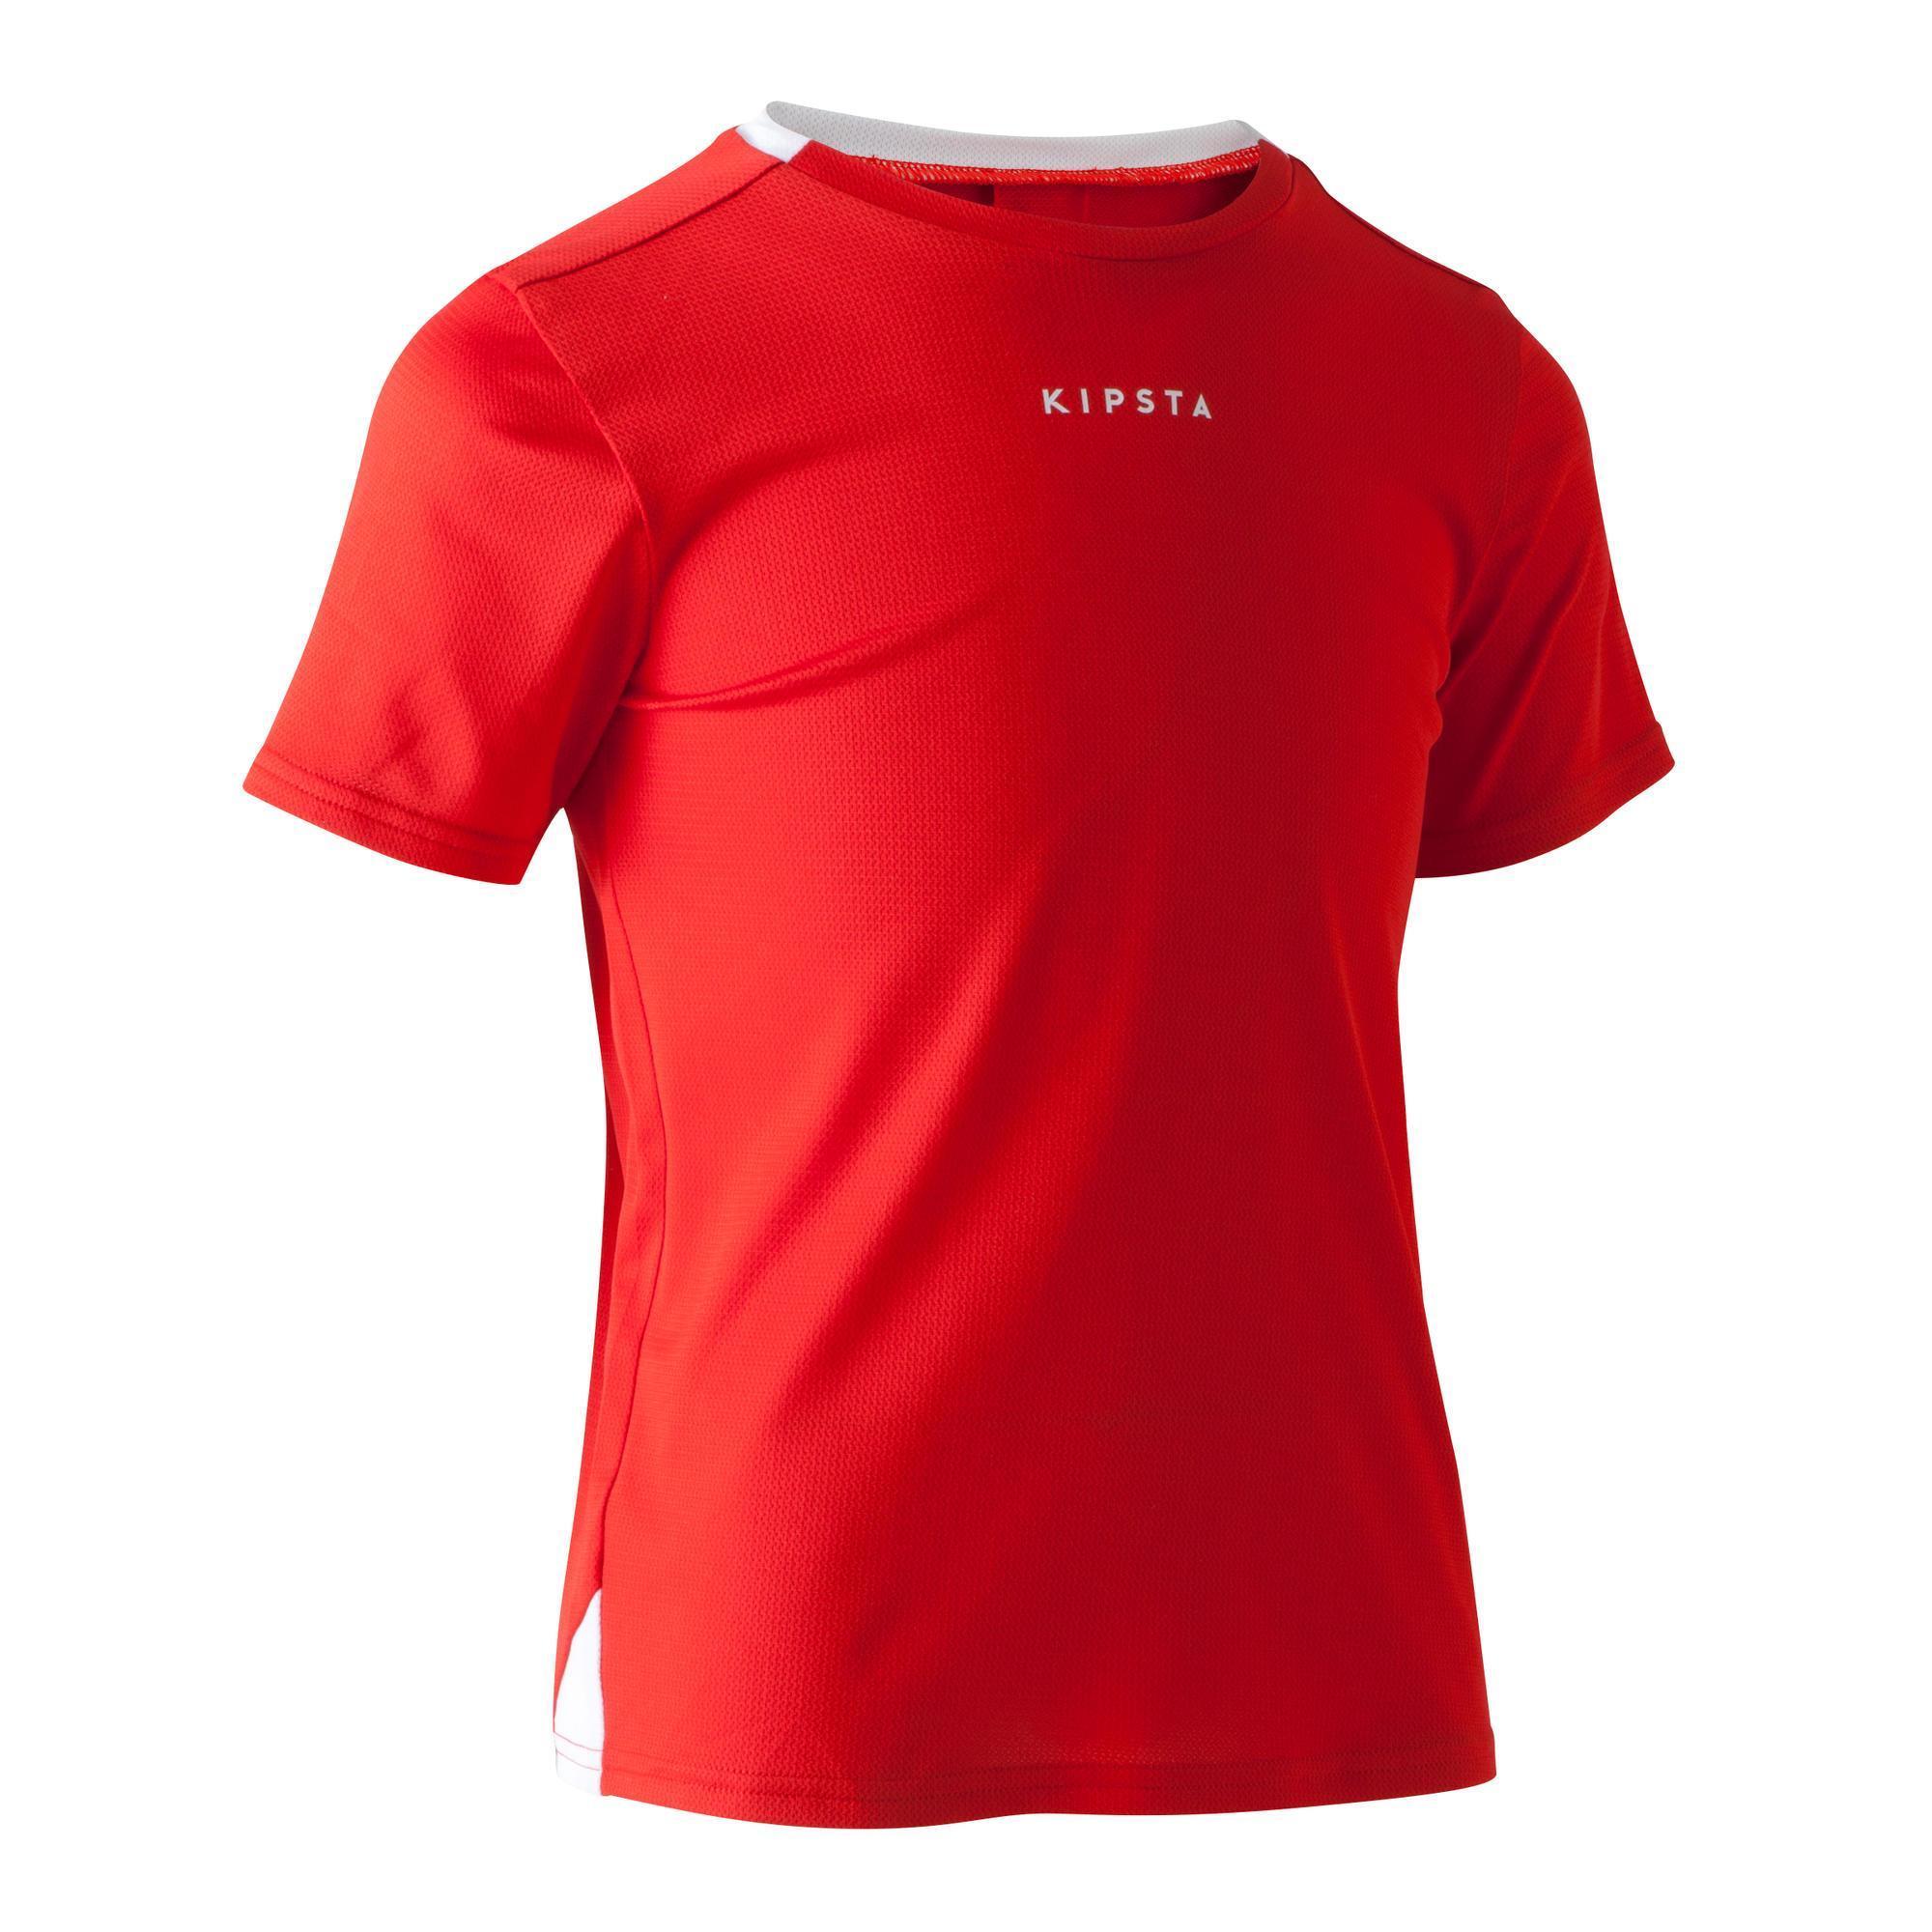 Comprar Camisetas de Fútbol para Adultos y Niños  ae00d7207520b